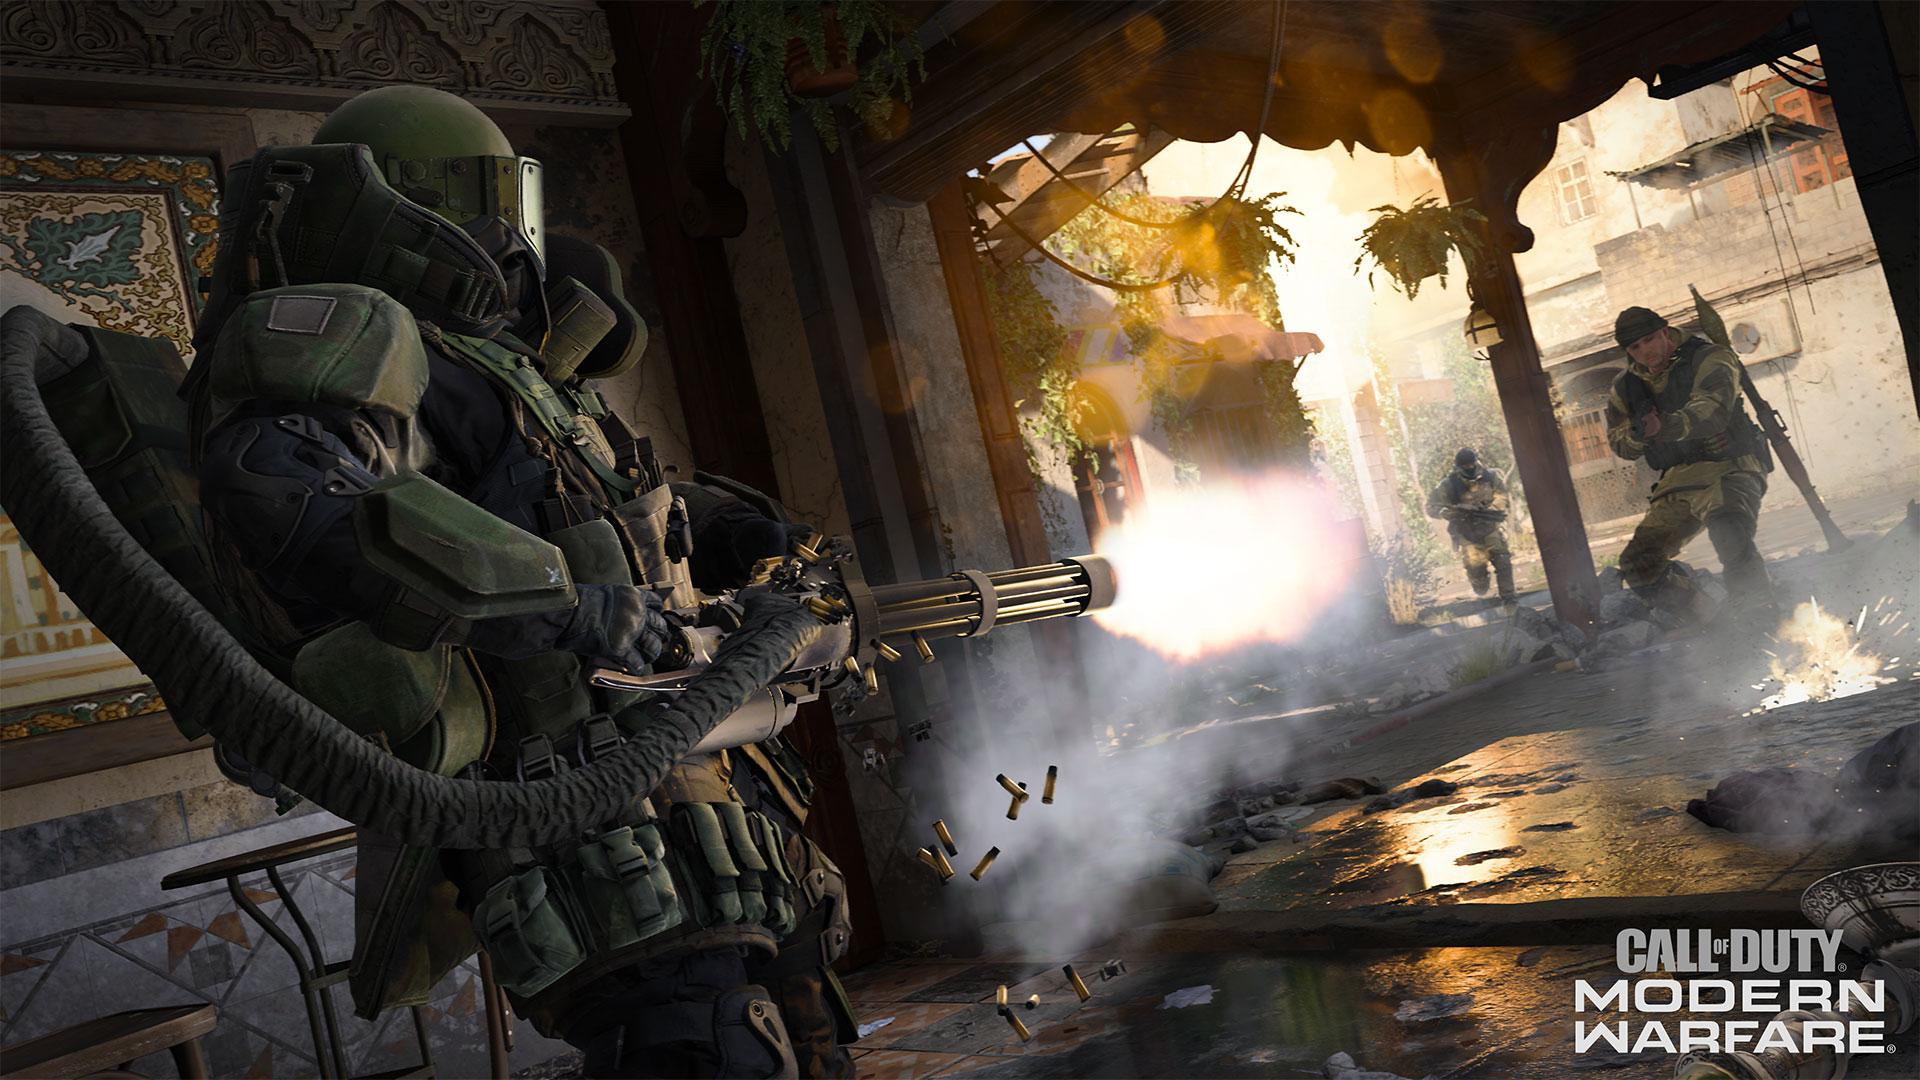 Still from Clal of Duty: Modern Warfare